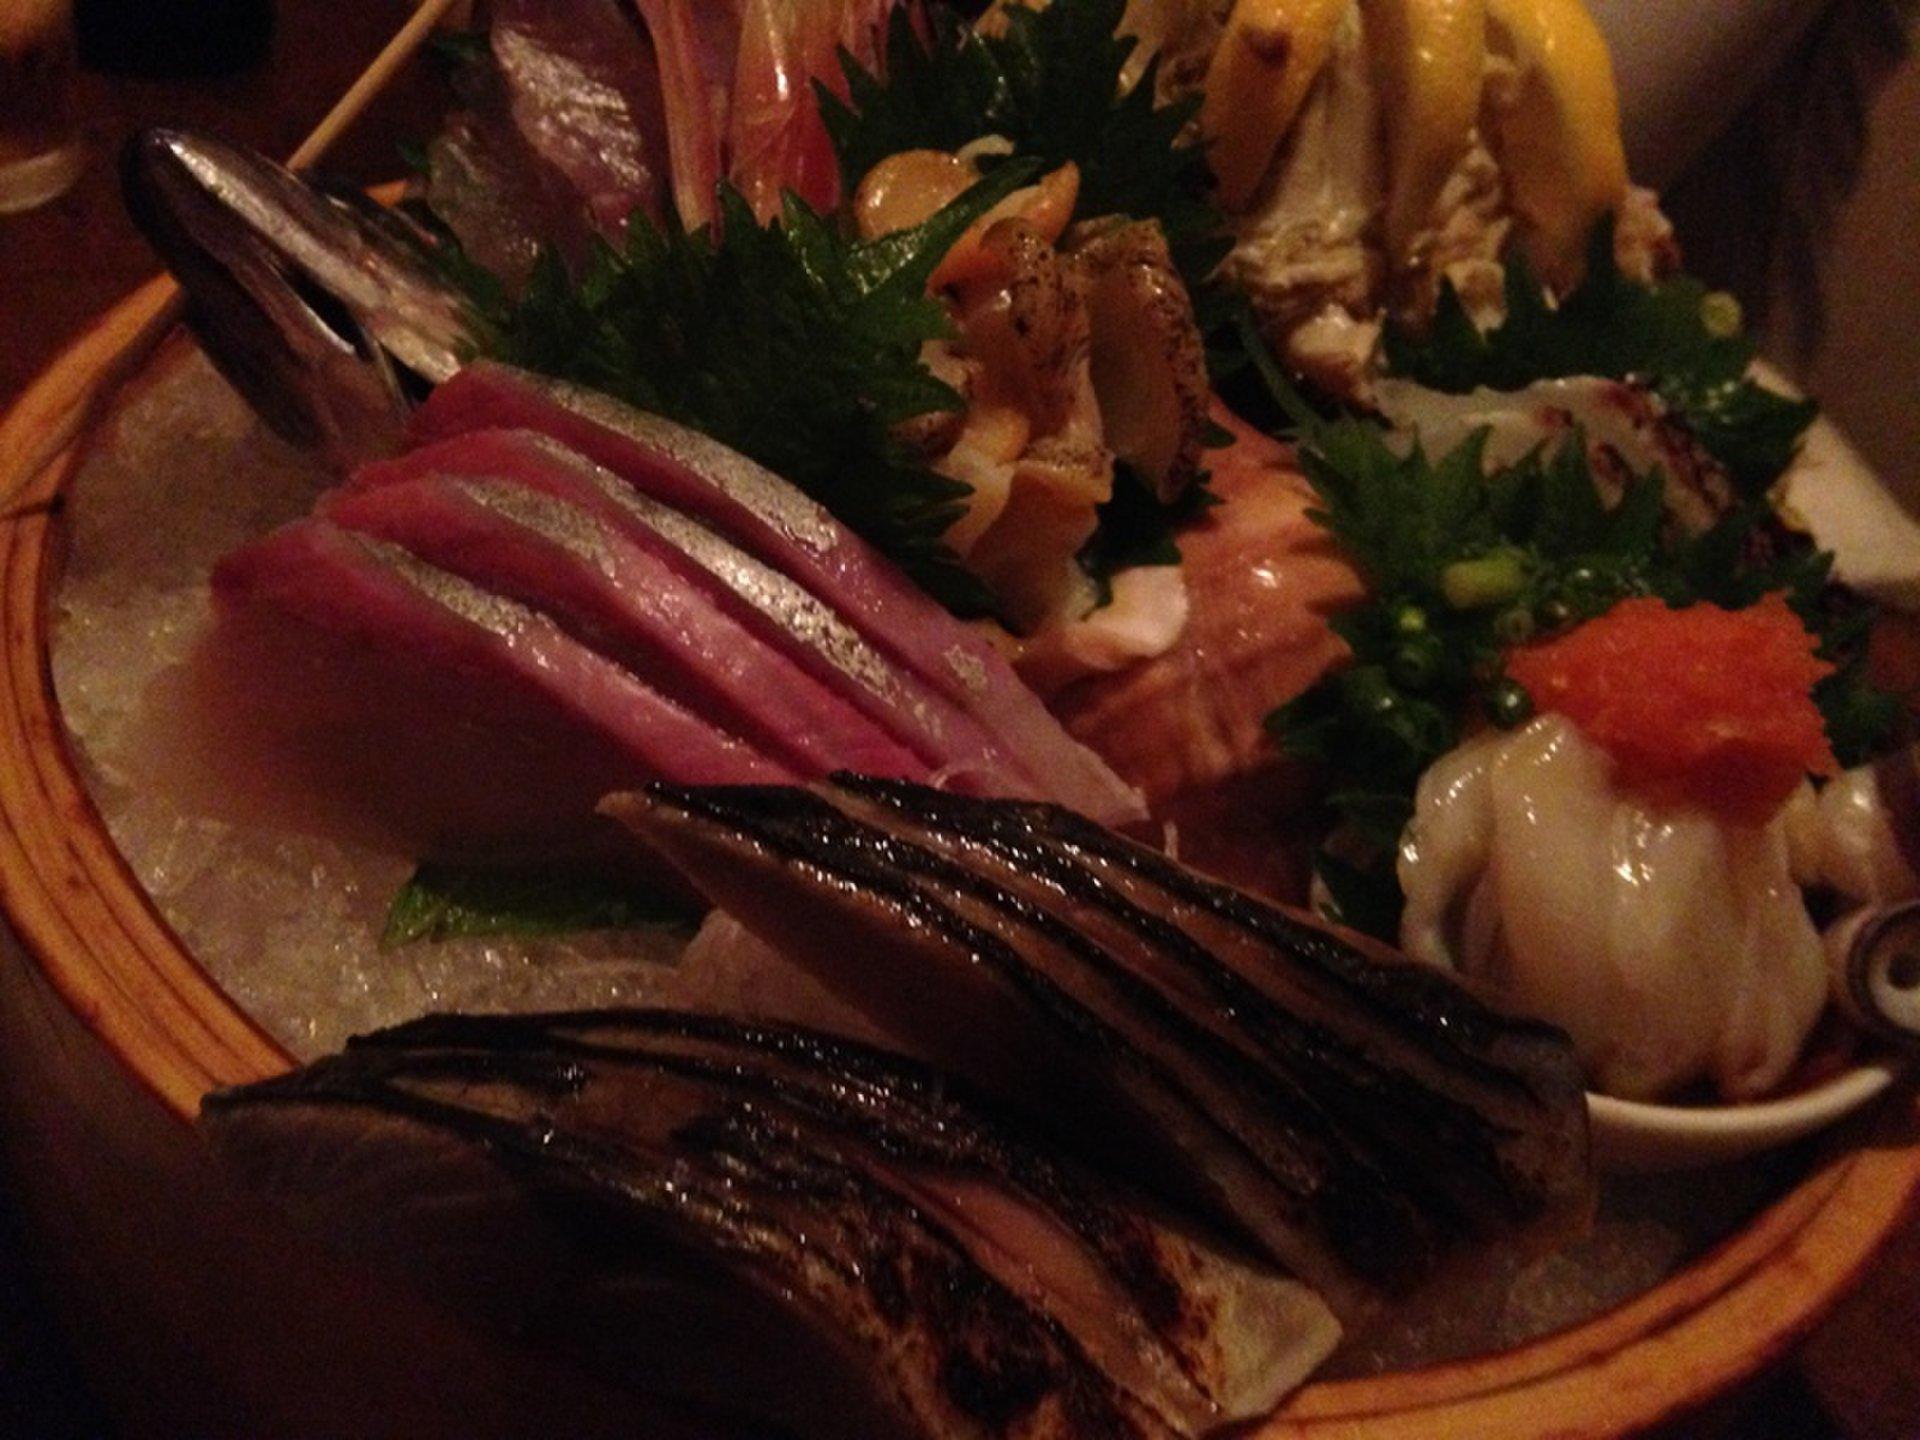 捕れたて!さばきたて!新鮮な海の幸を飲み会で思う存分食べられる!【渋谷周辺の居酒屋】